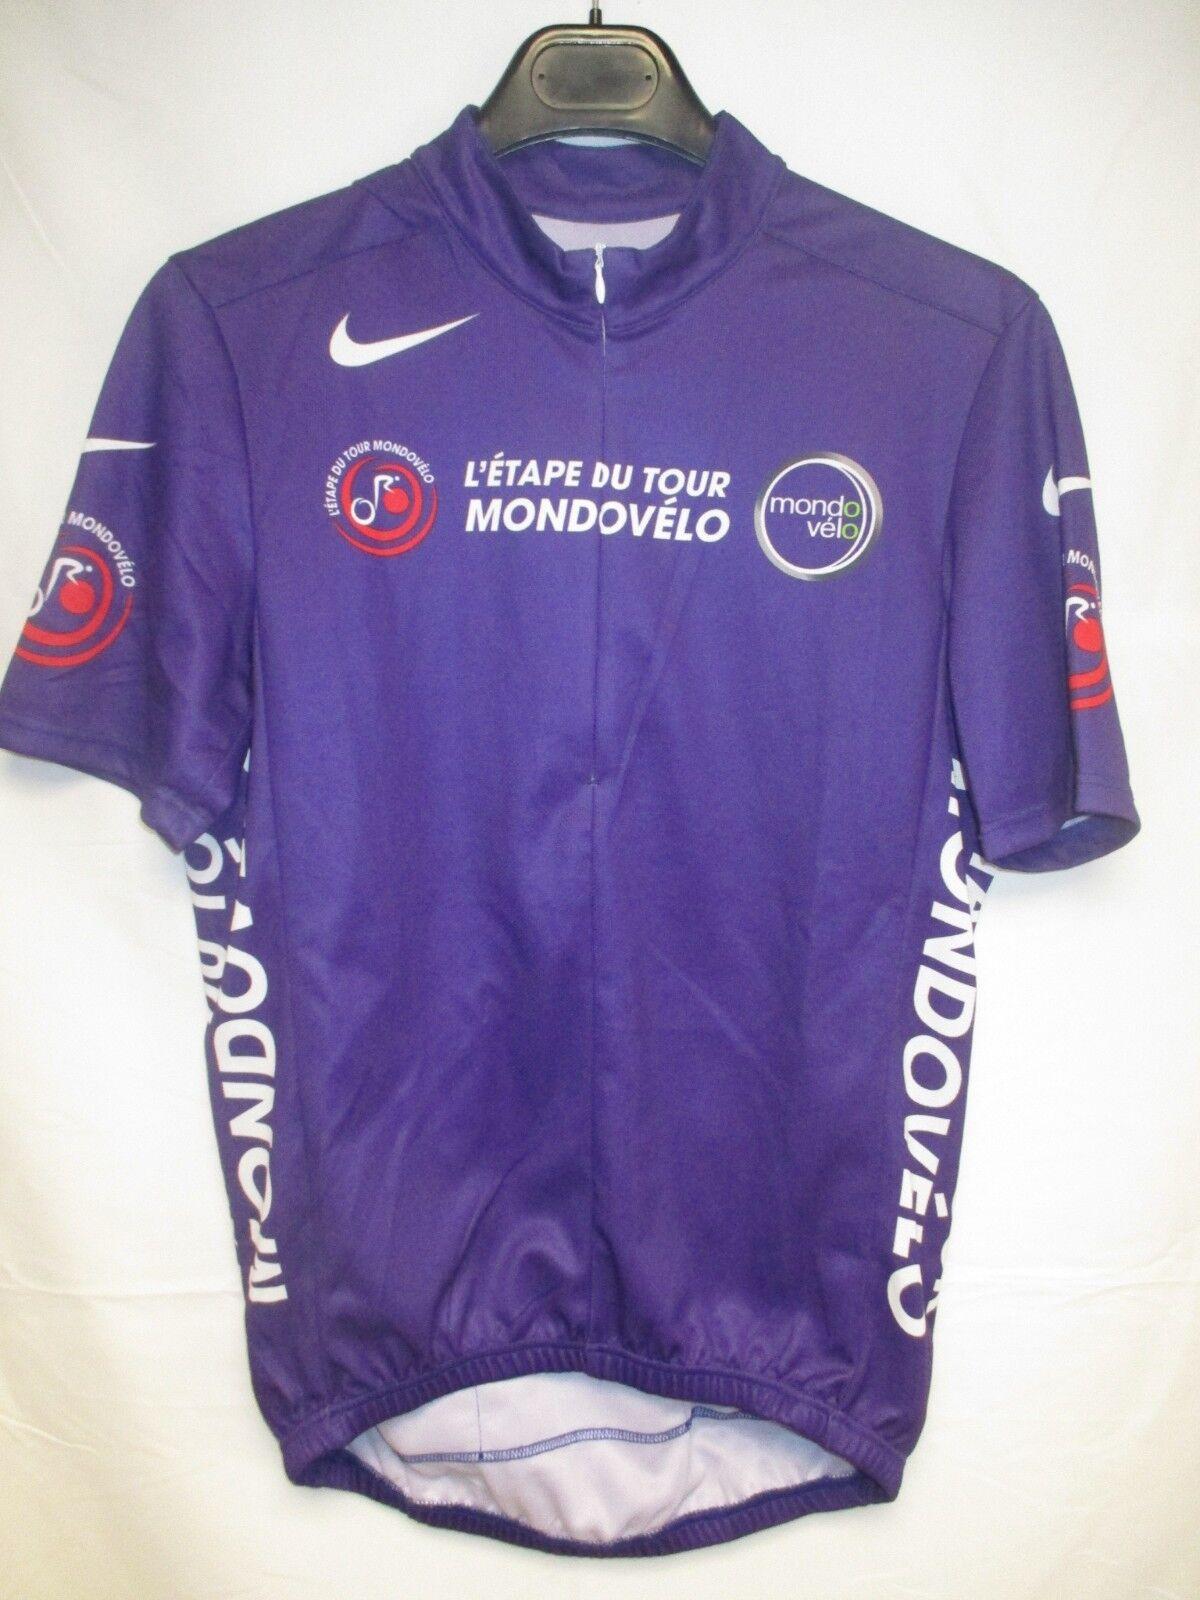 Maillot cycliste L'étape du Tour de France 2007 FOIX LOUDENVIELLE shirt trikot S